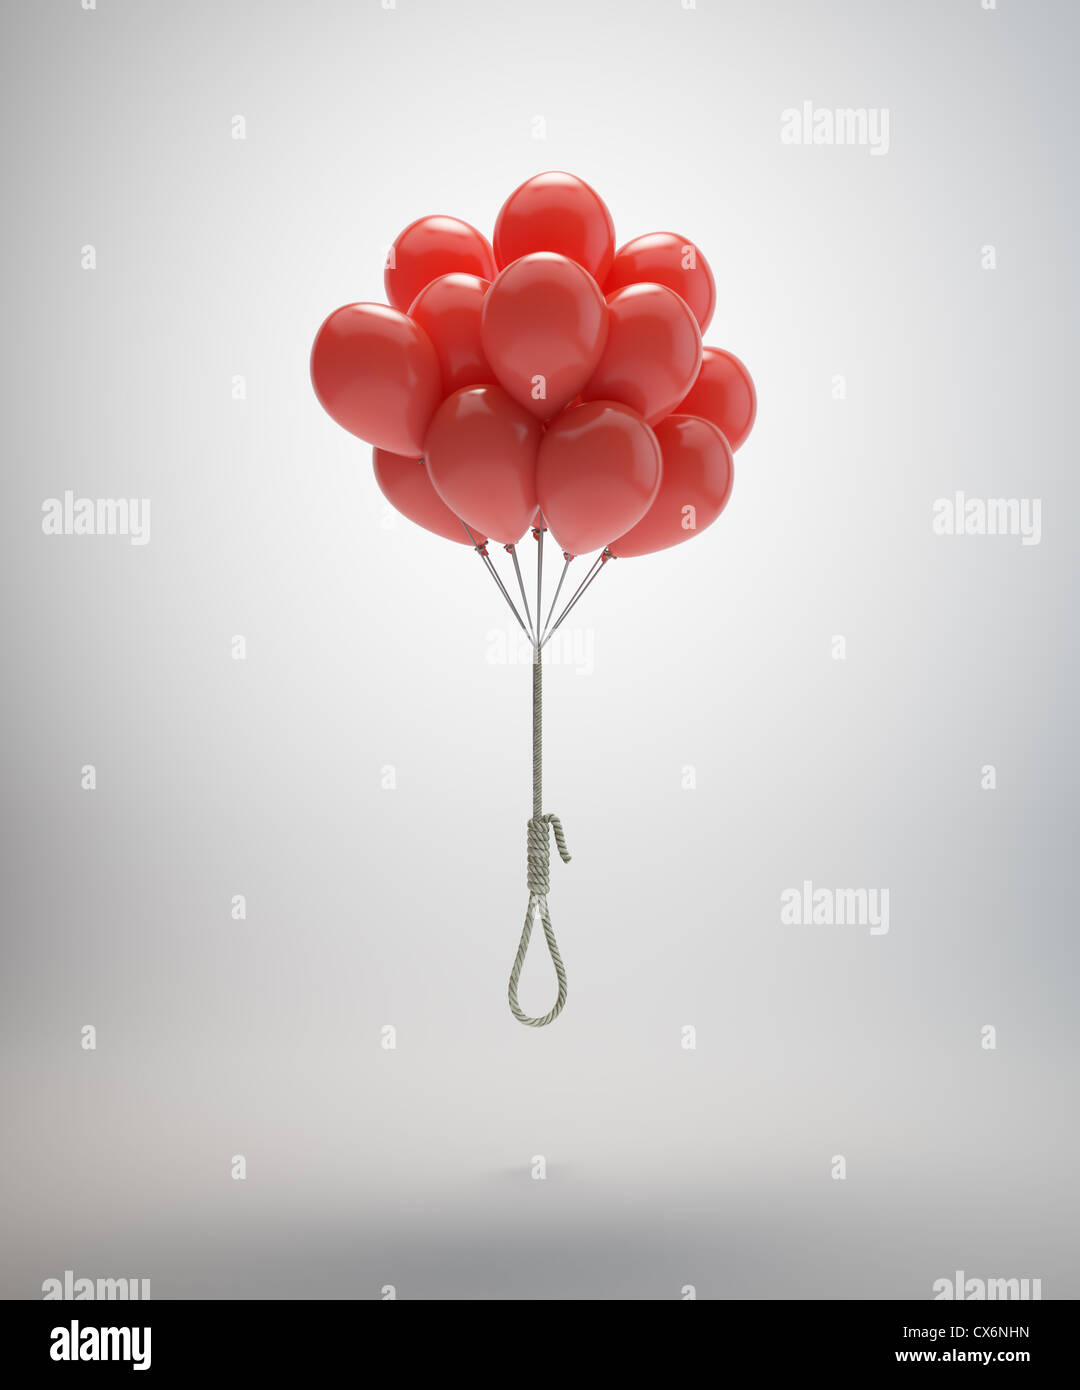 Gallows sospeso da un grappolo di palloncini rossi Immagini Stock